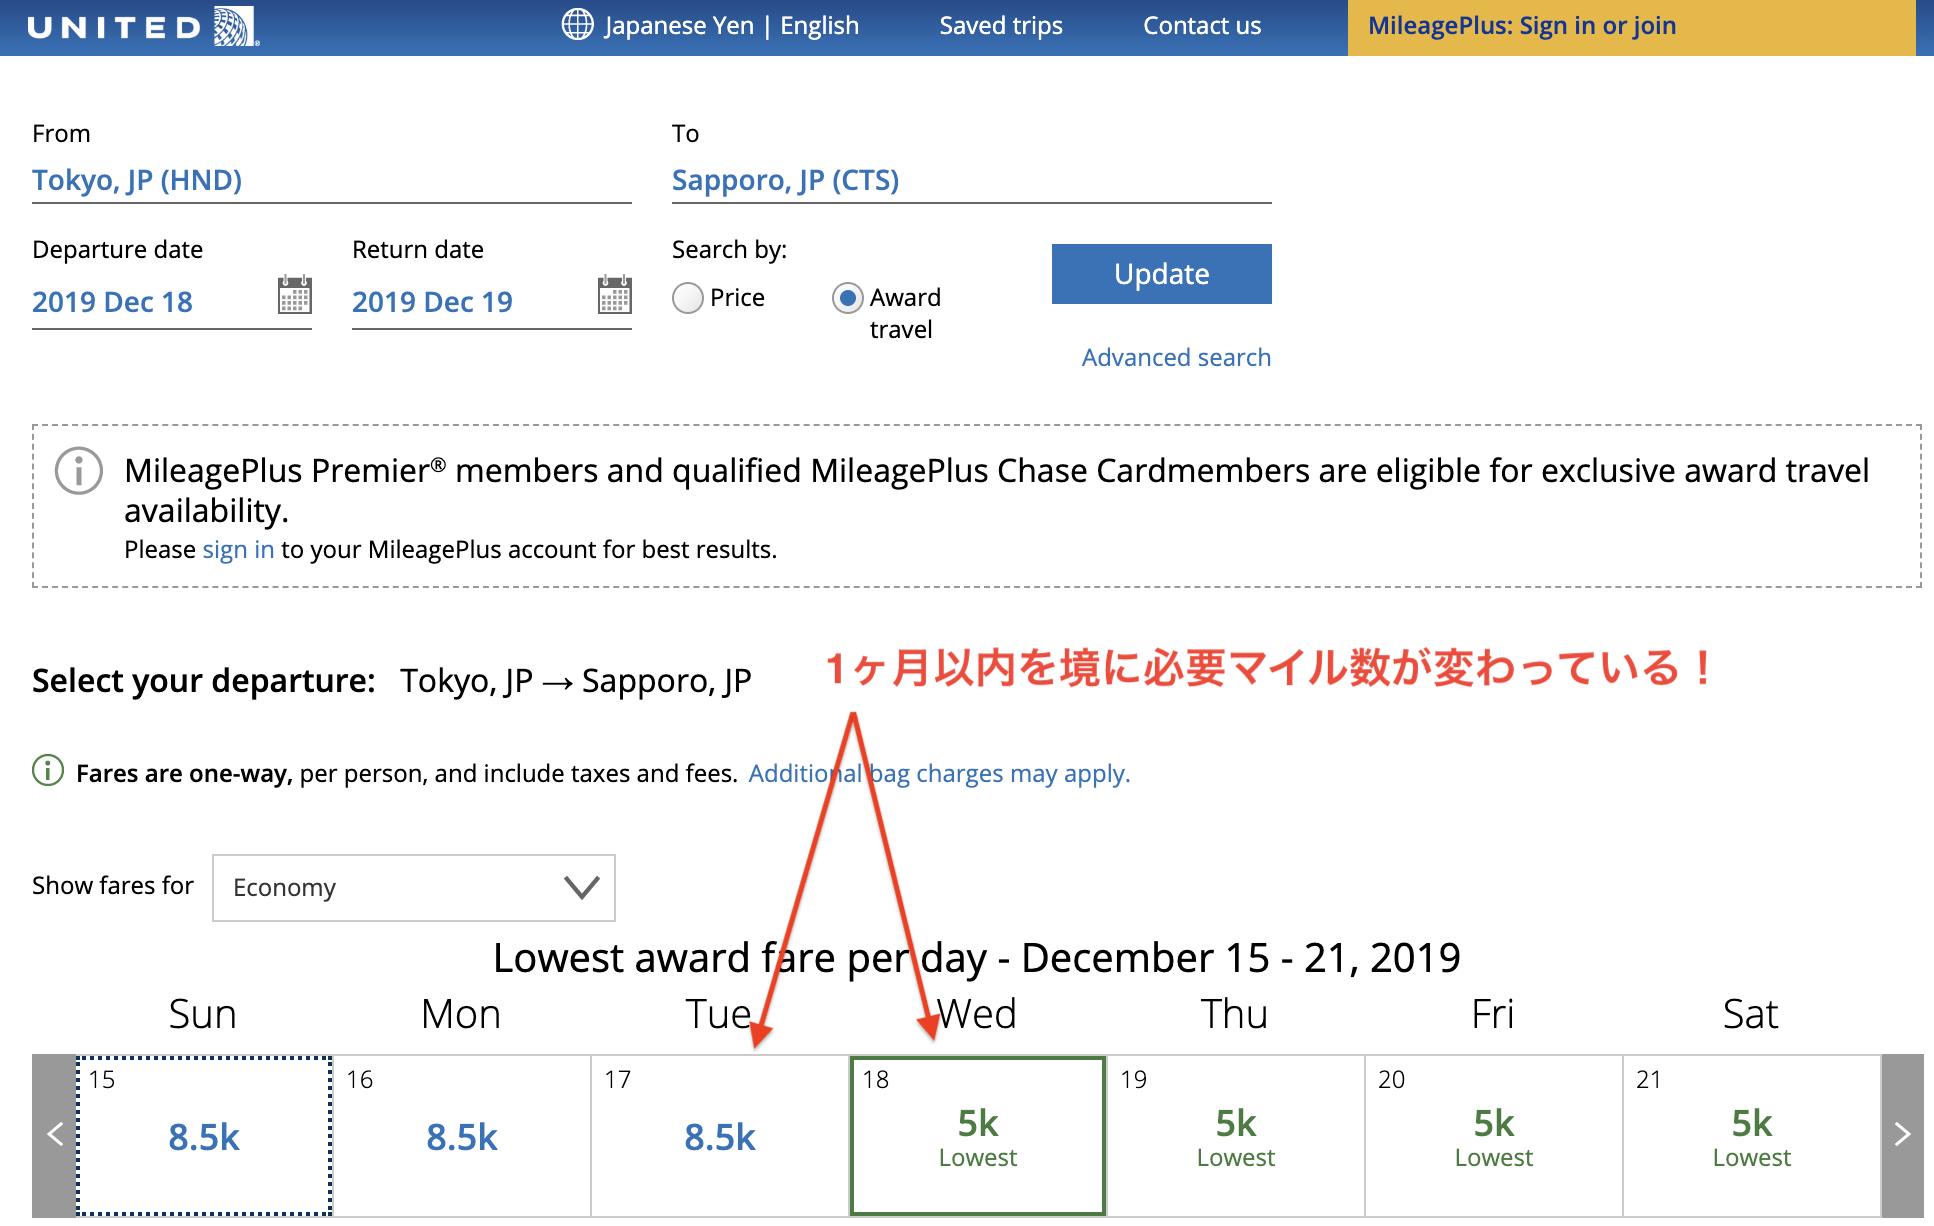 ユナイテッド航空のマイレージプラス特典航空券の必要マイル数(2019年11月15日以降)